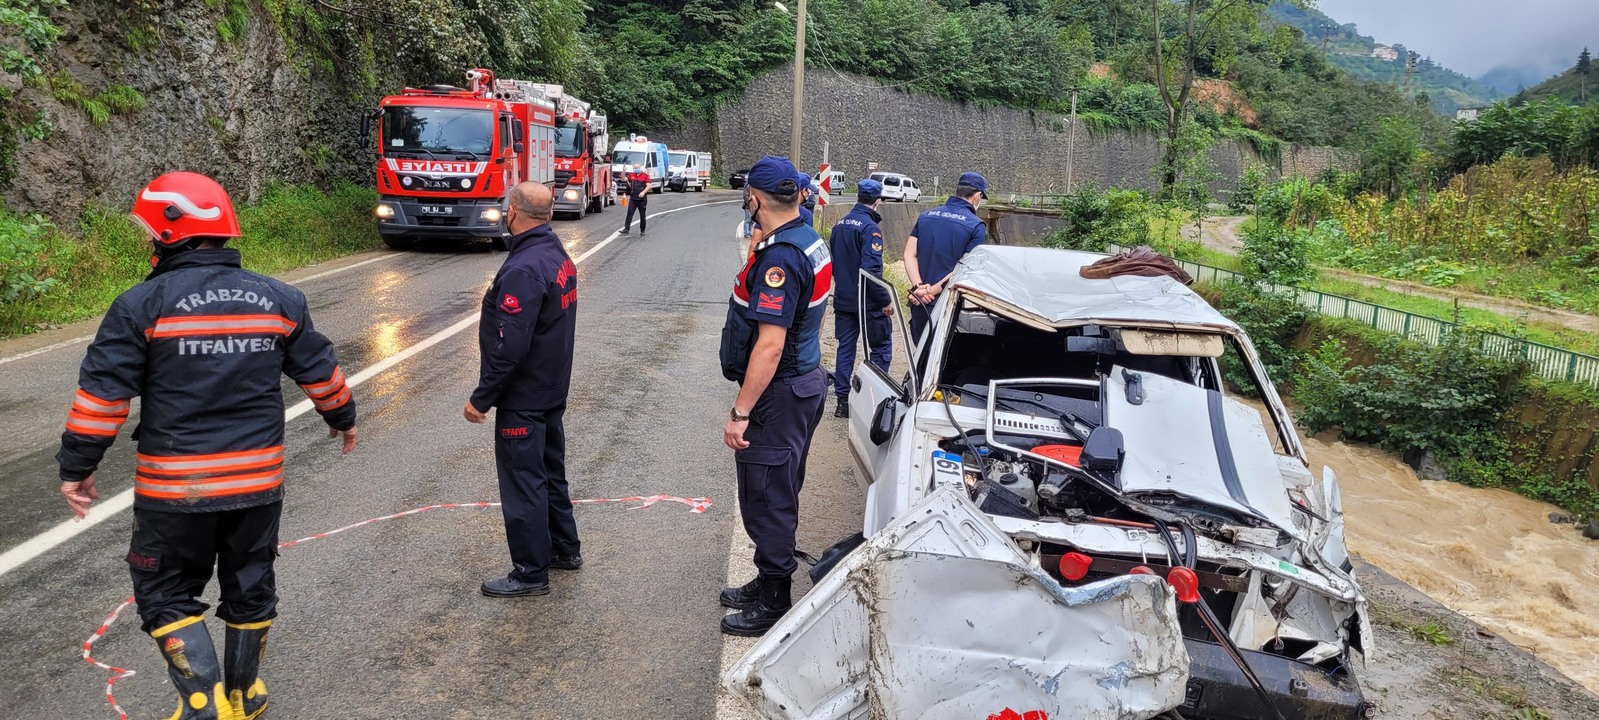 Trabzon Yomra'da kontrolden çıkan otomobil dereye uçtu: 2 ölü